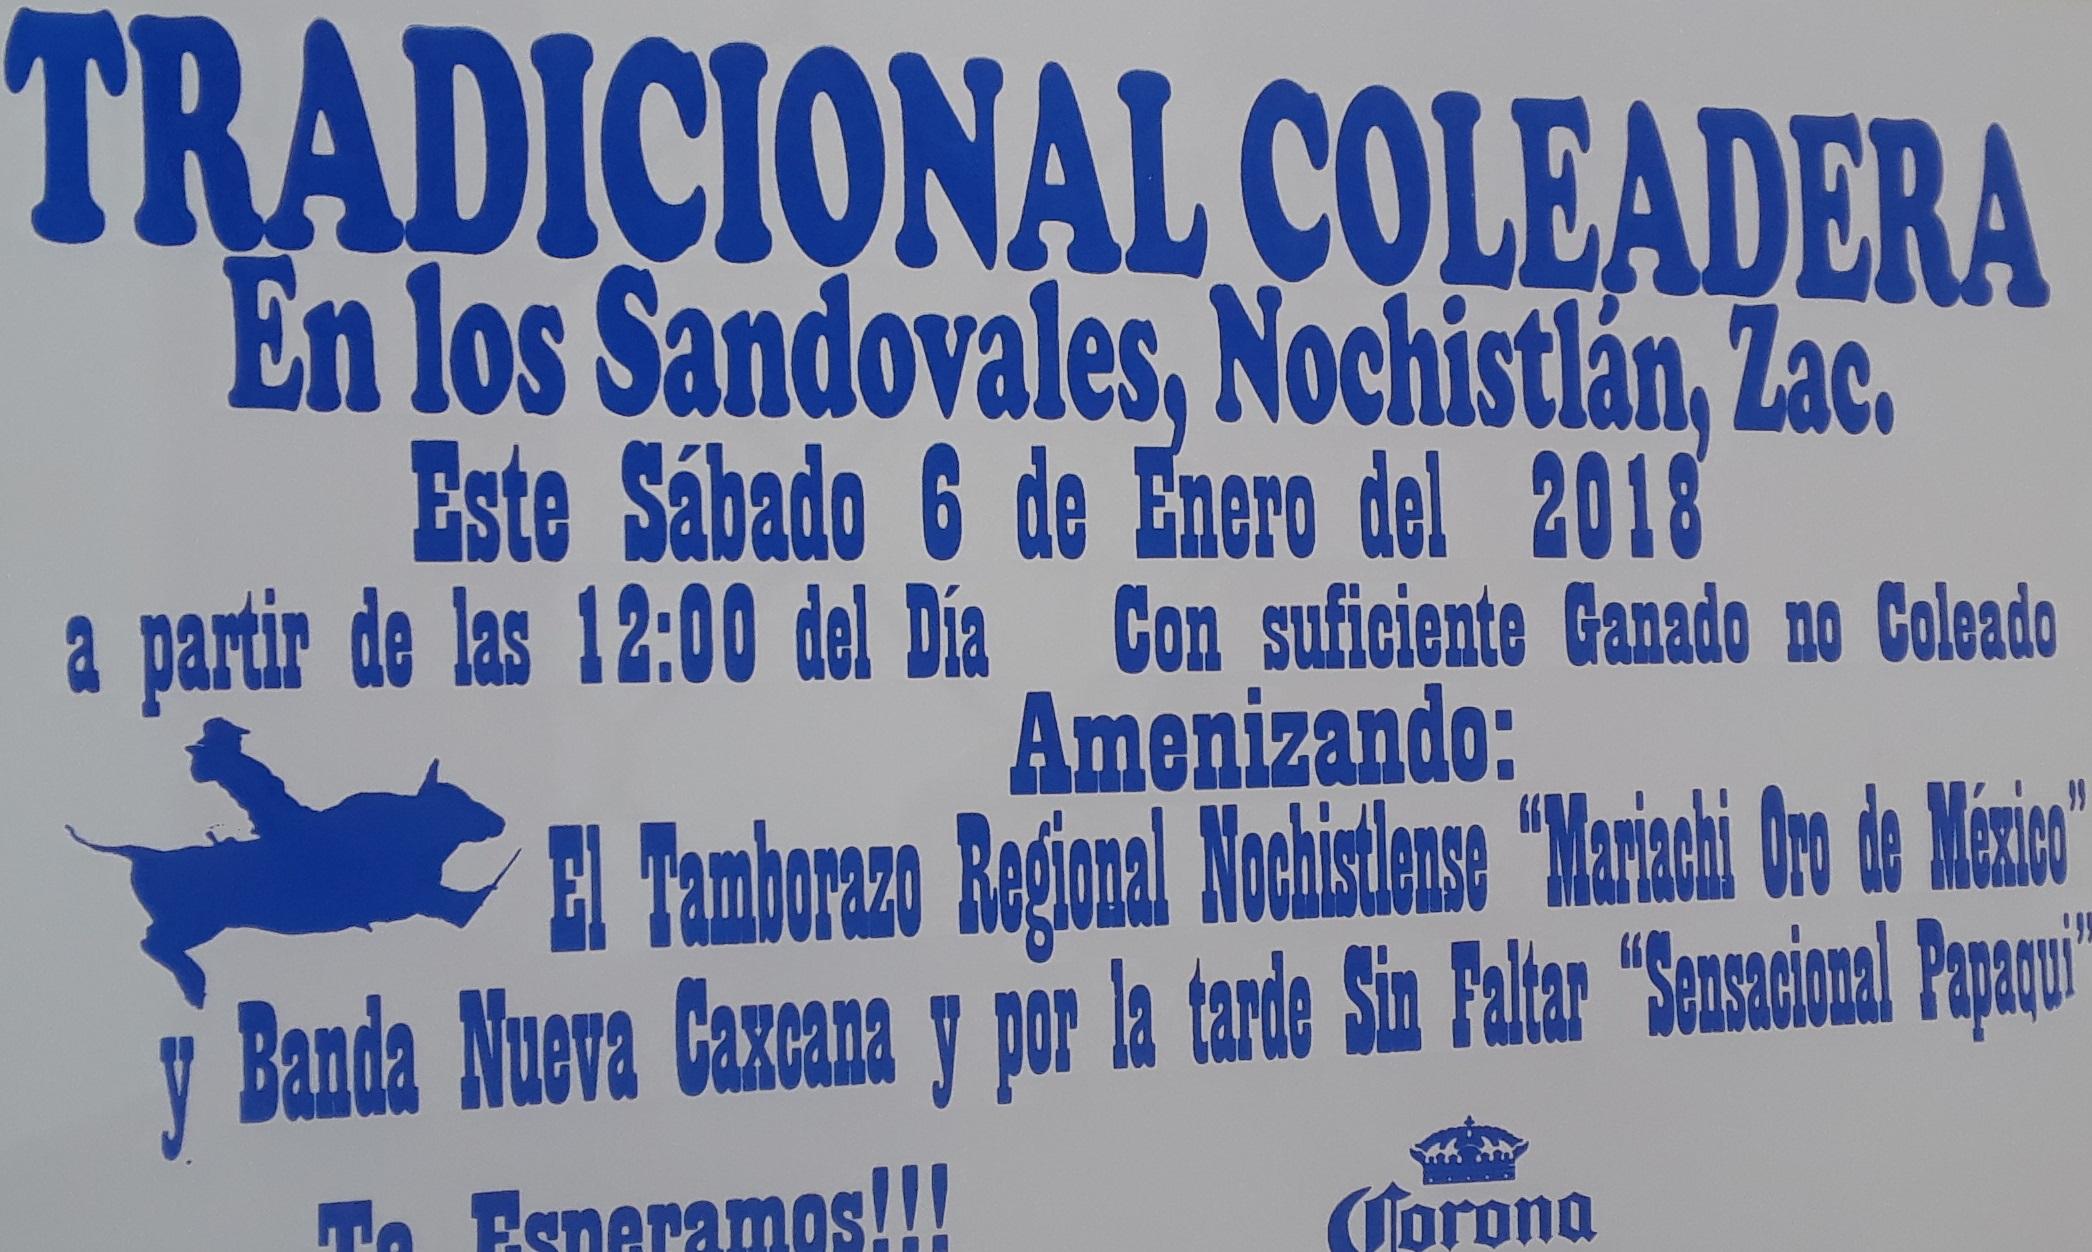 Coleadera de Los Sandovales, toda una tradición